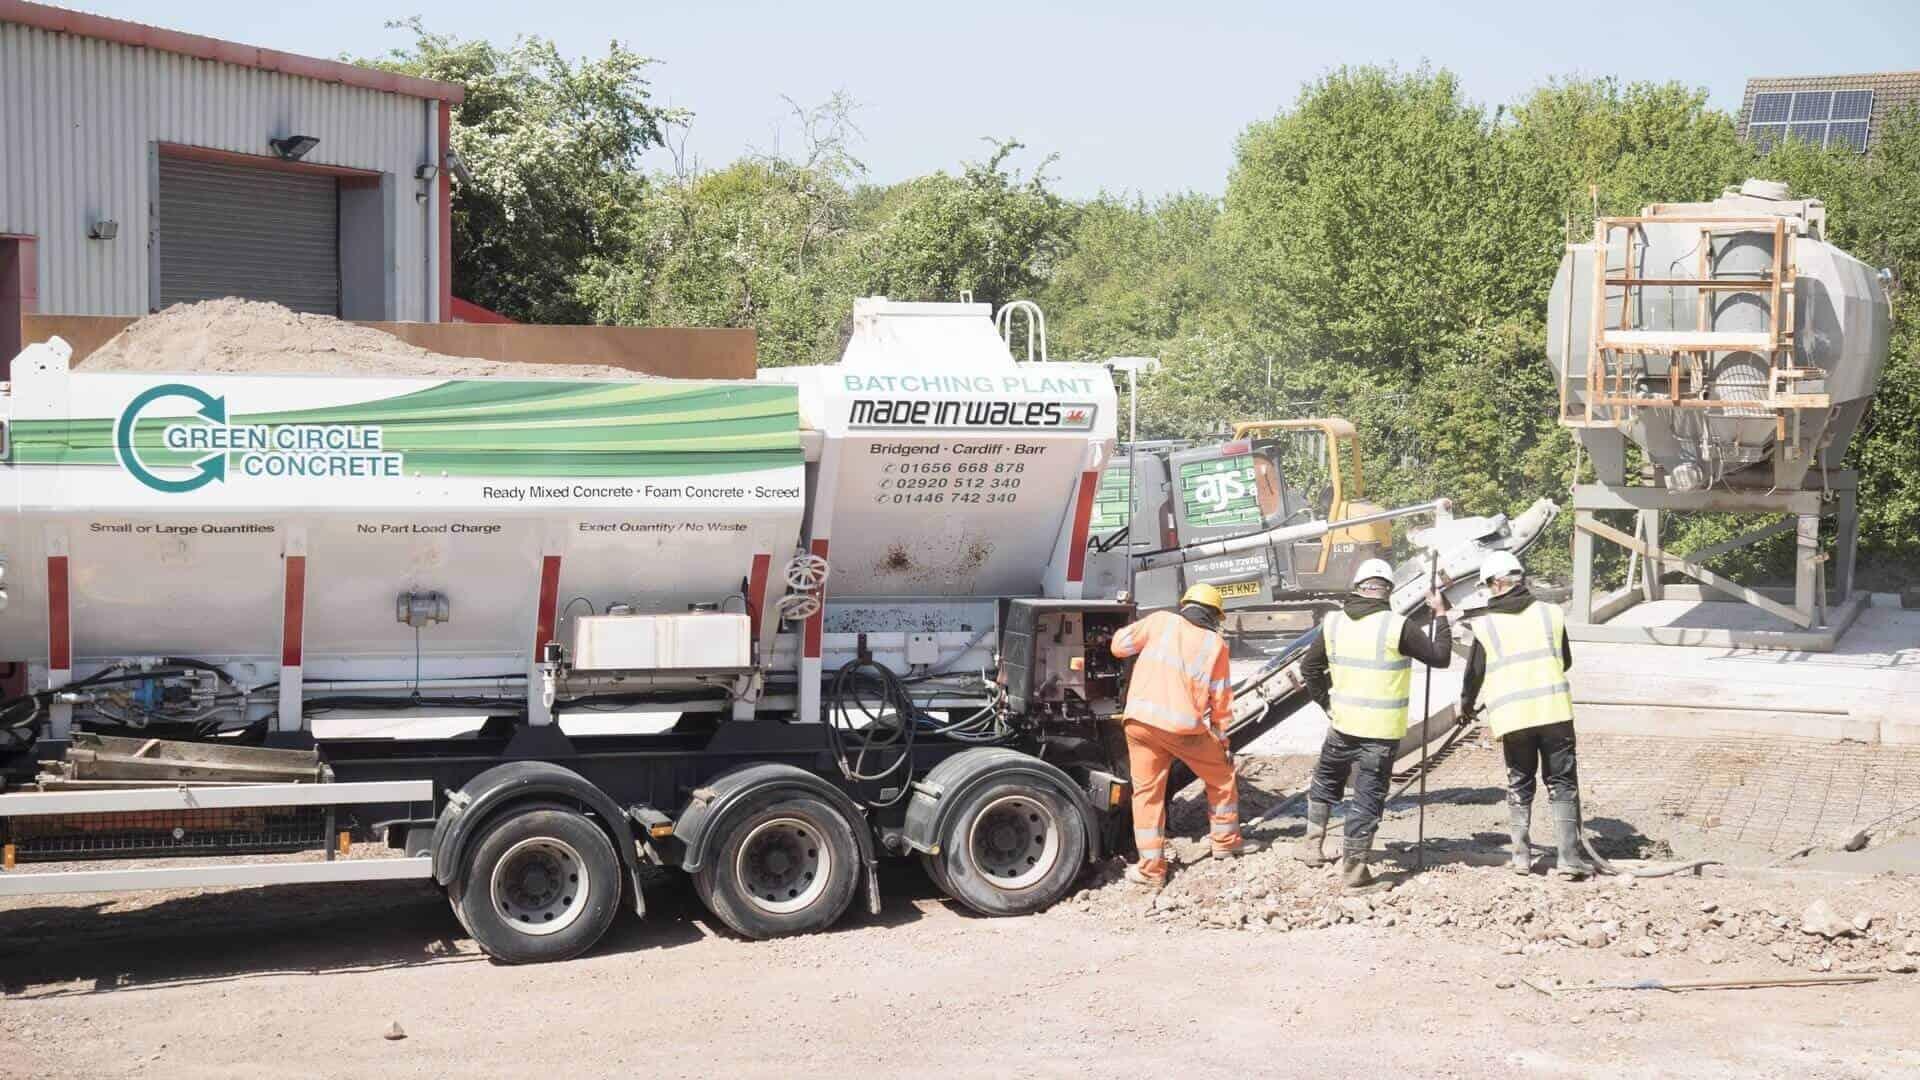 Ready Mix Concrete in South Wales | Green Circle Concrete Ltd